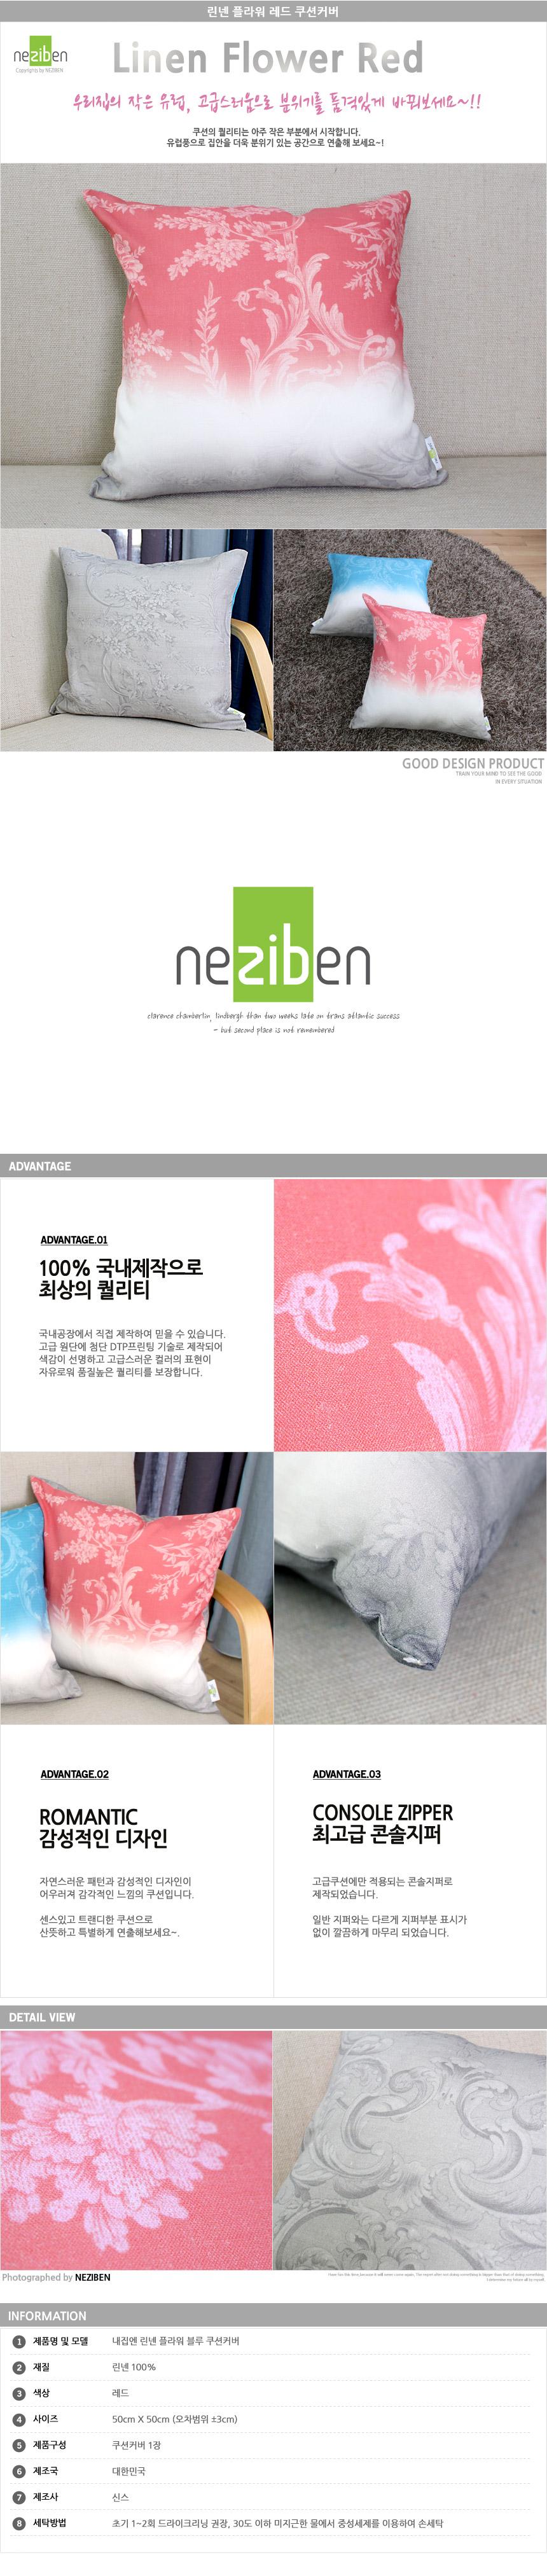 linenflower_red.jpg